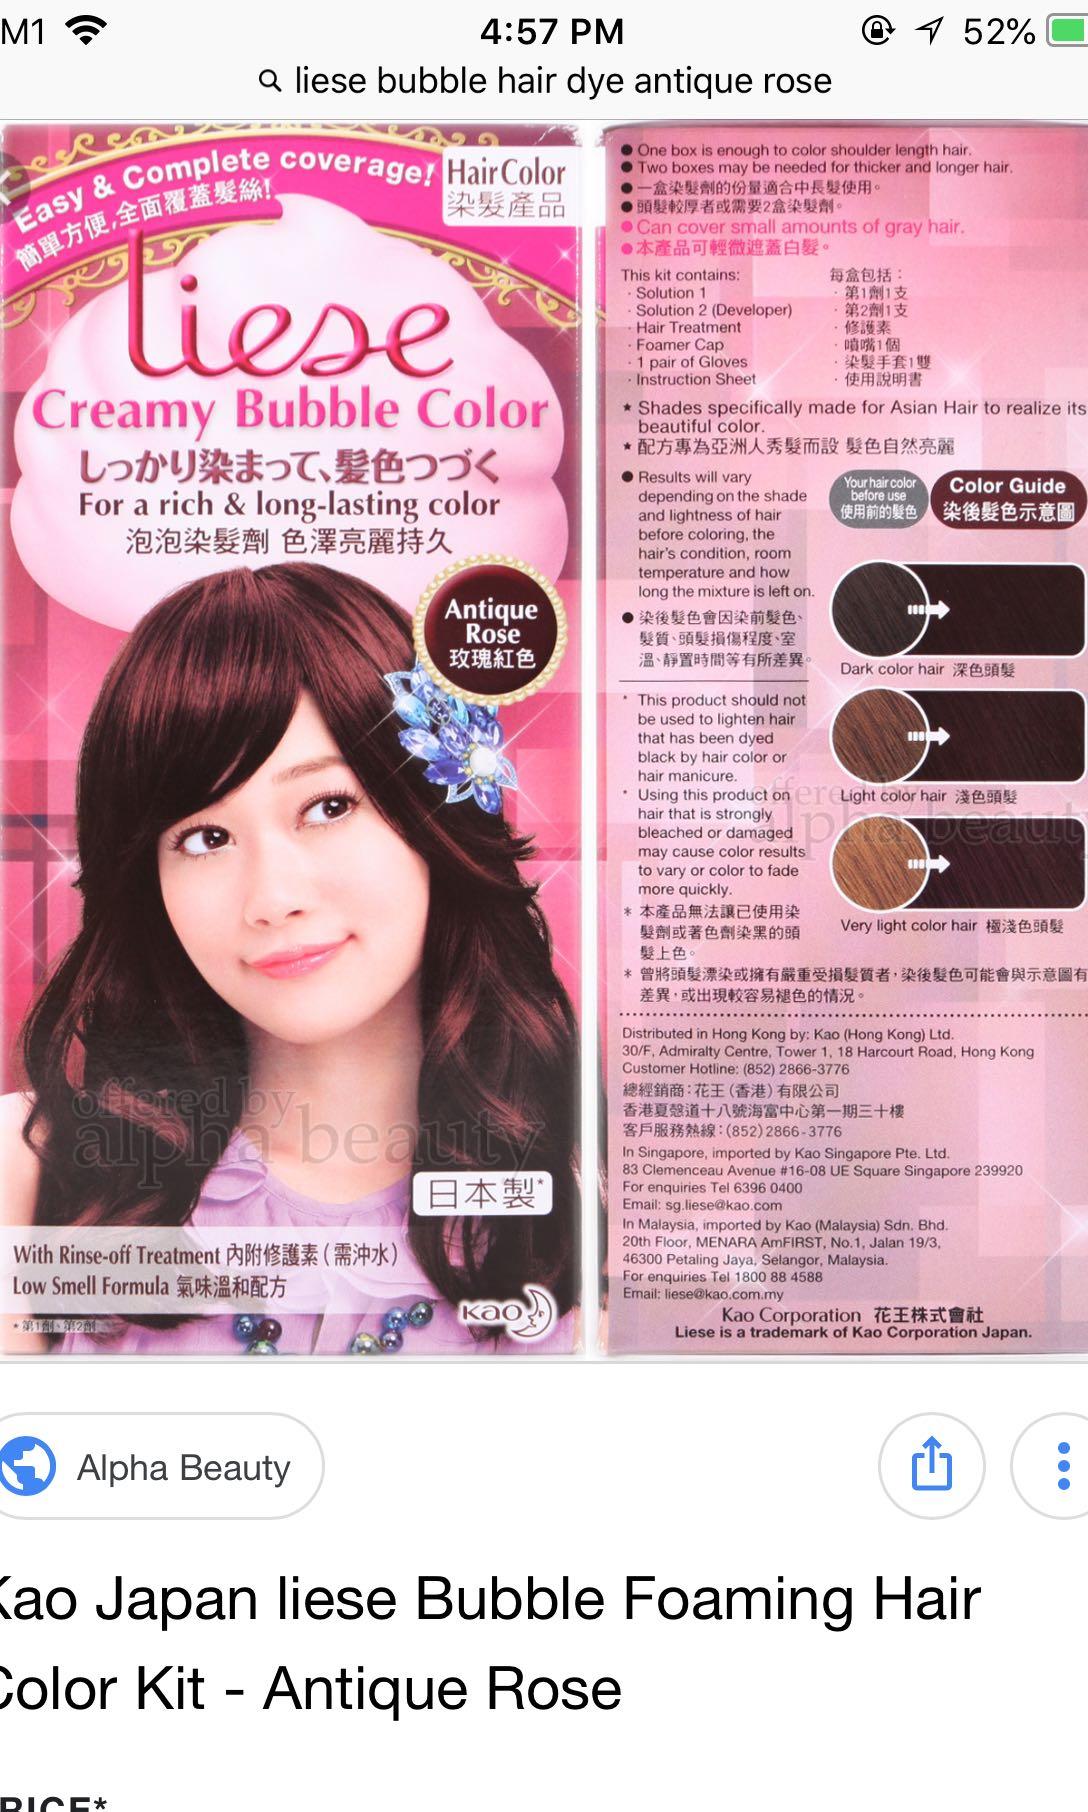 Liese Creamy Bubble Color Antique Rose